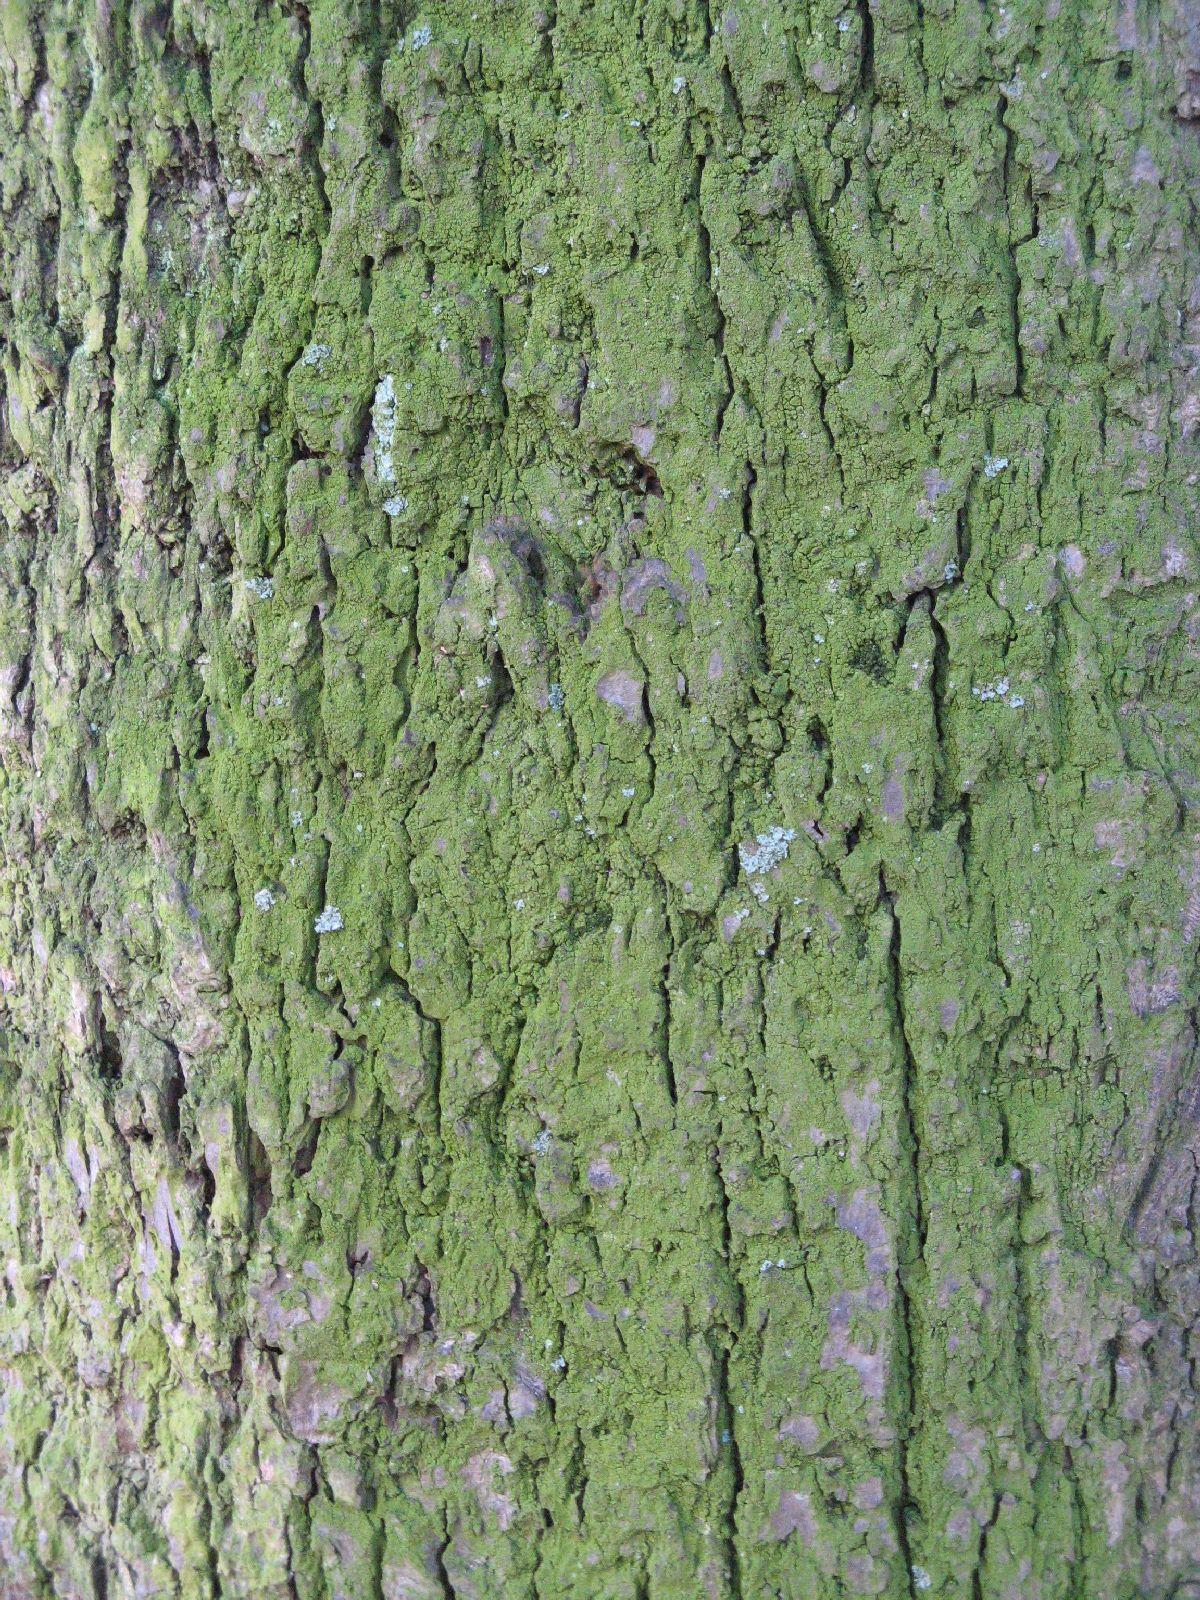 Baum-Rinde_Texturs_B_27900